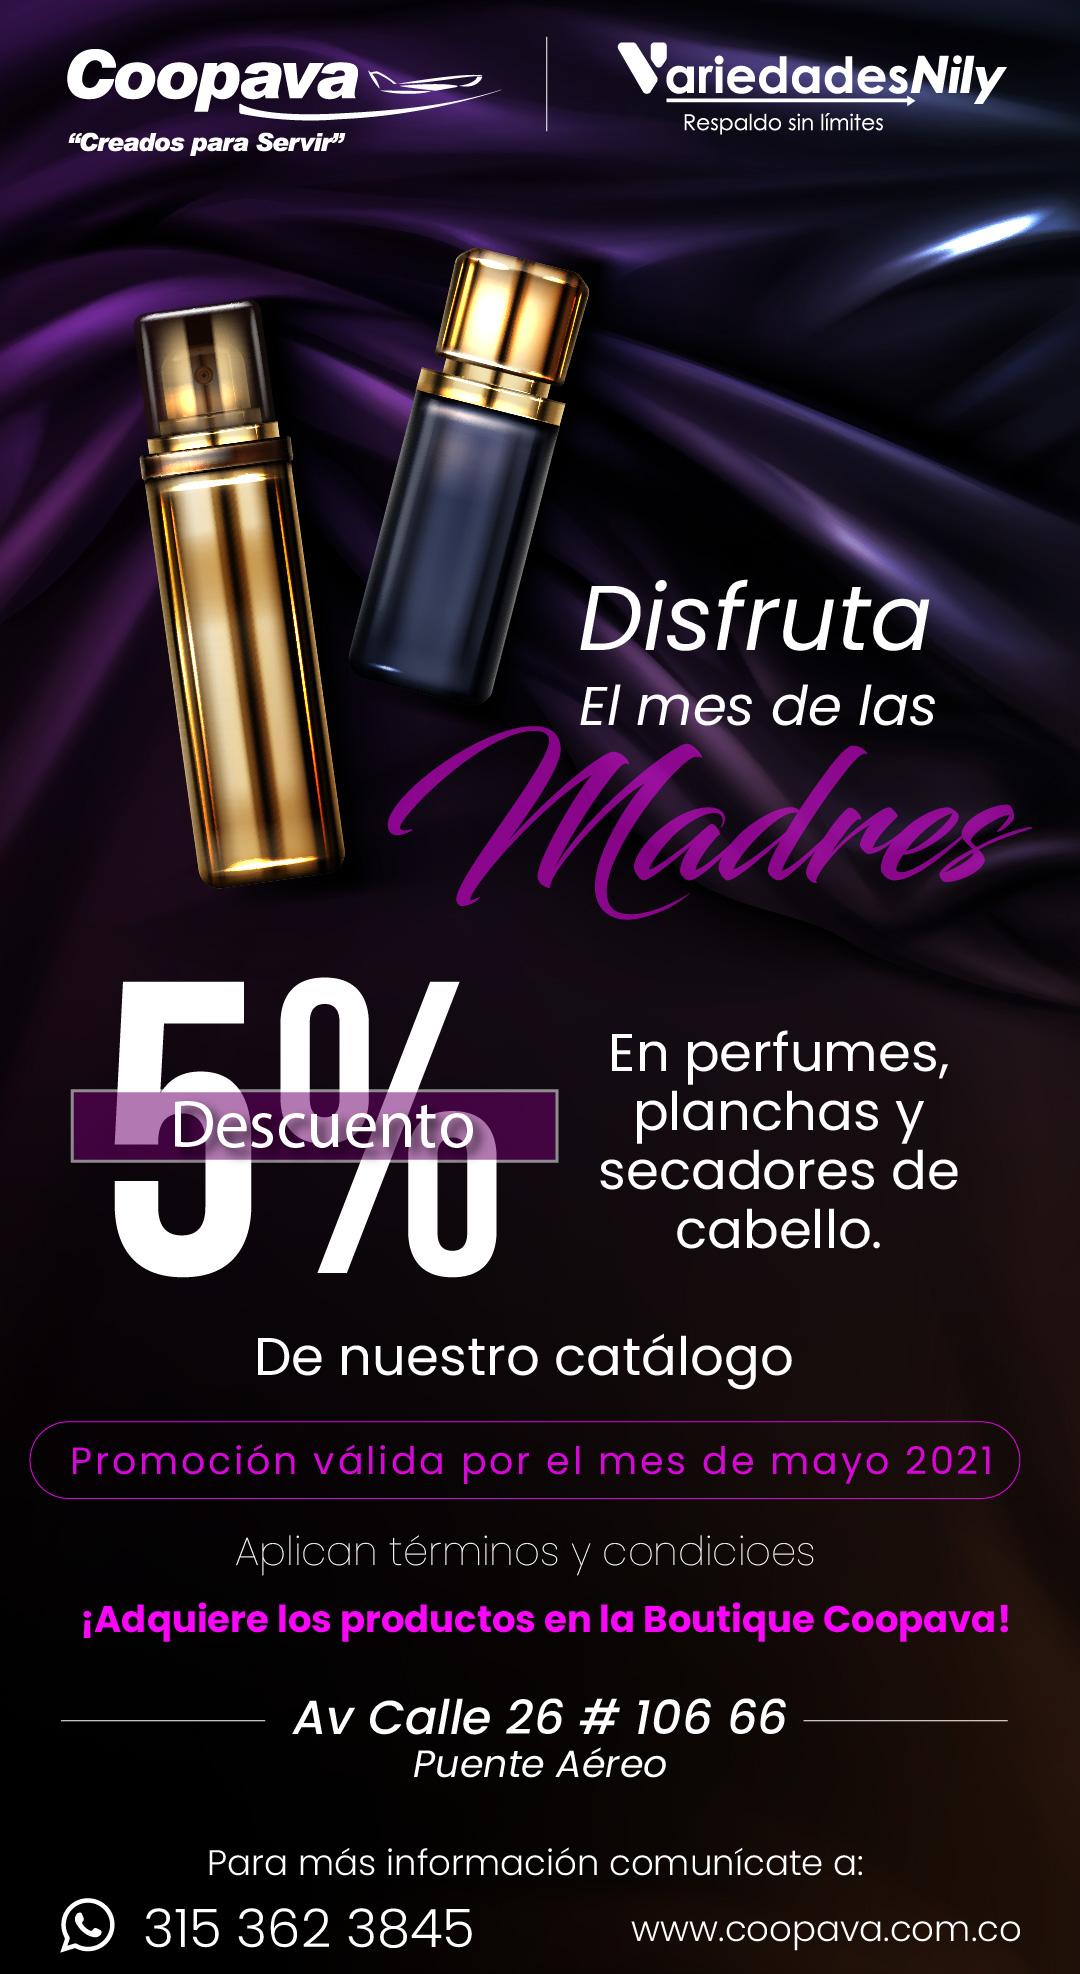 perfumes_ variedades_nily.jpg (475 KB)